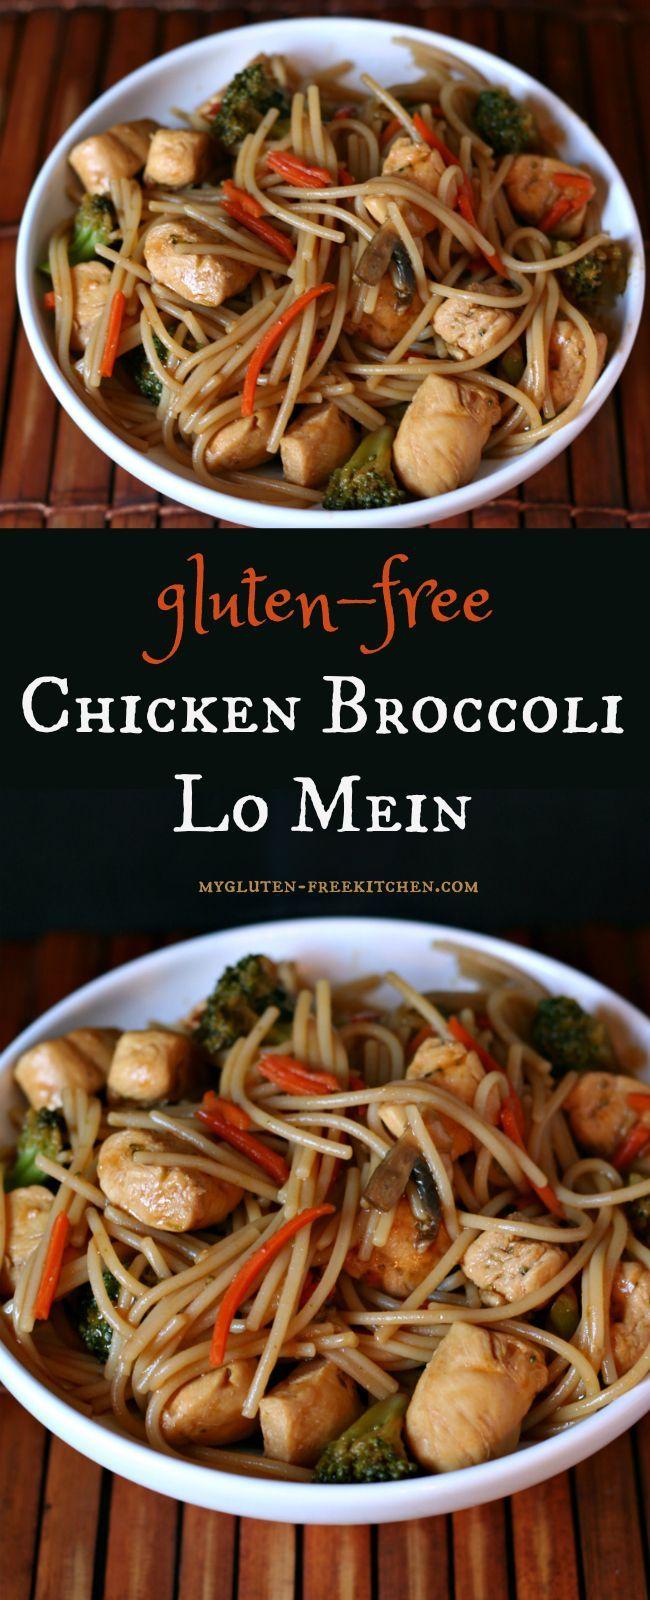 Gluten free chicken broccoli lo mein recipe chinesefoodrecipes gluten free chicken broccoli lo mein recipe chinesefoodrecipes chinese food recipes pinterest gluten free chicken free chickens and lo mein forumfinder Images